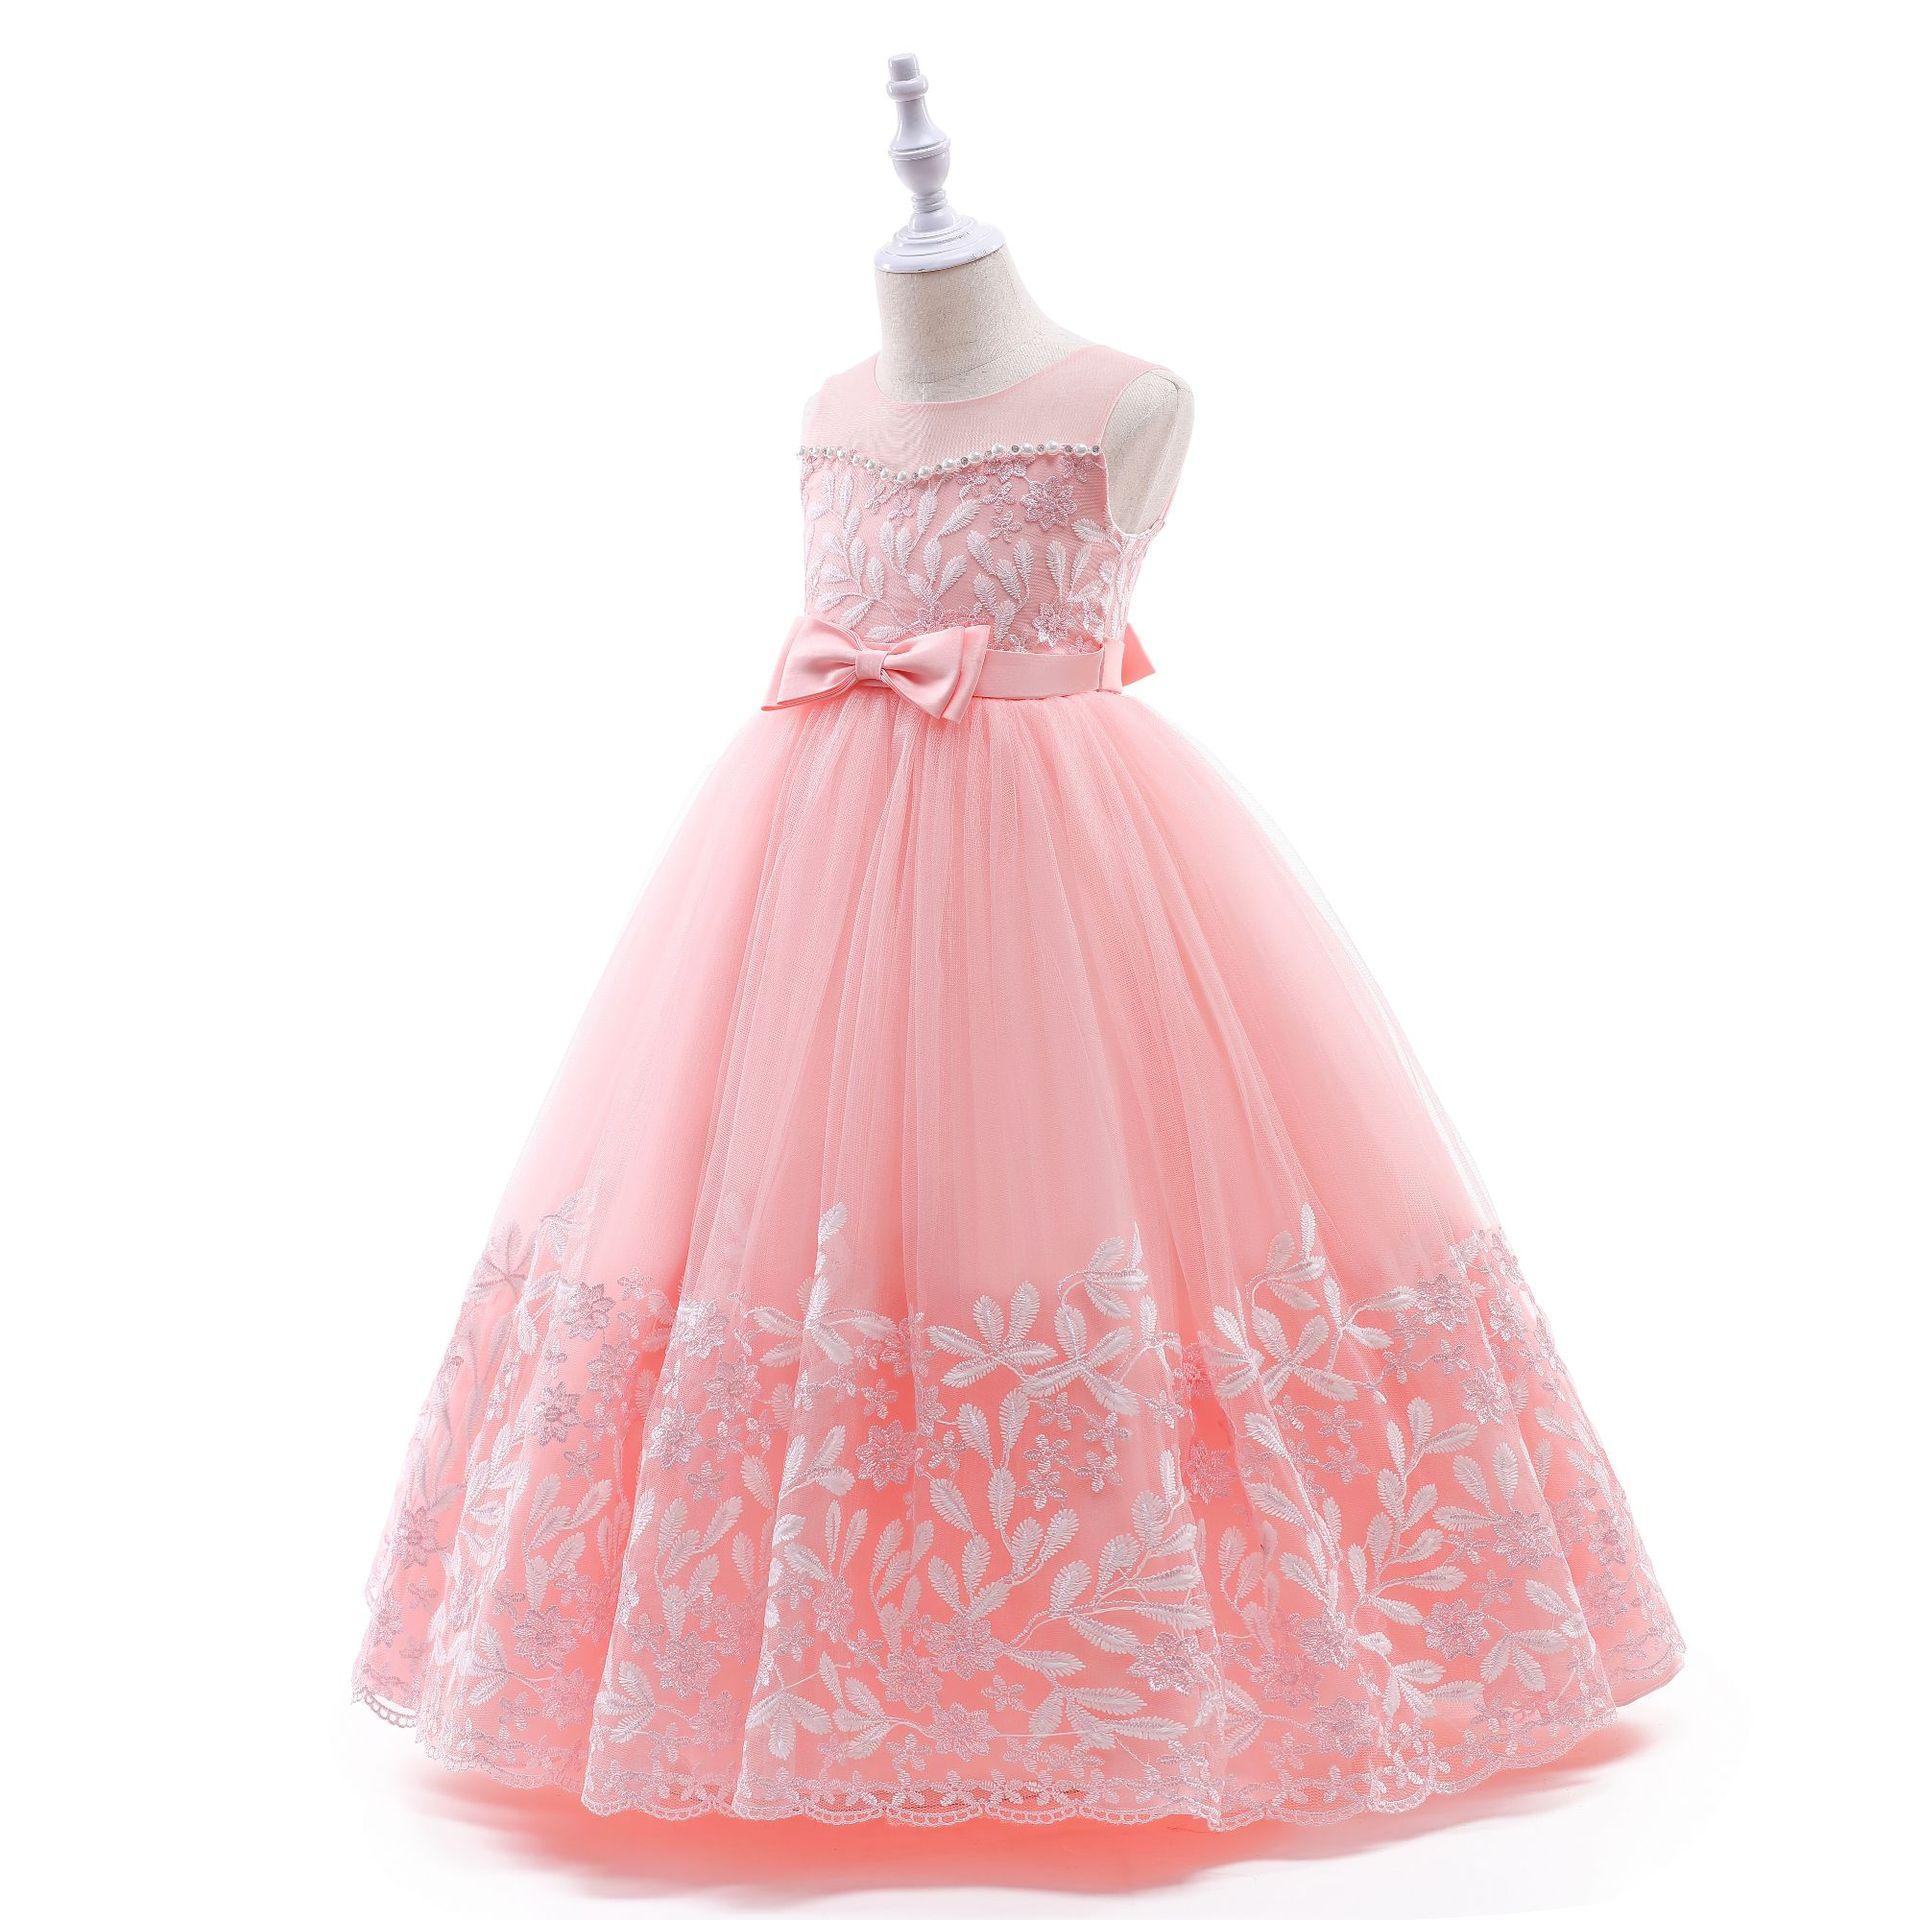 9 Festzug Kleider Kleine Mädchen Lange Kleider Kinder Party Tragen  Kleider Für Mädchen Hellrosa Kinder Kleid   Buy Kinder Lange Kleid Für ...